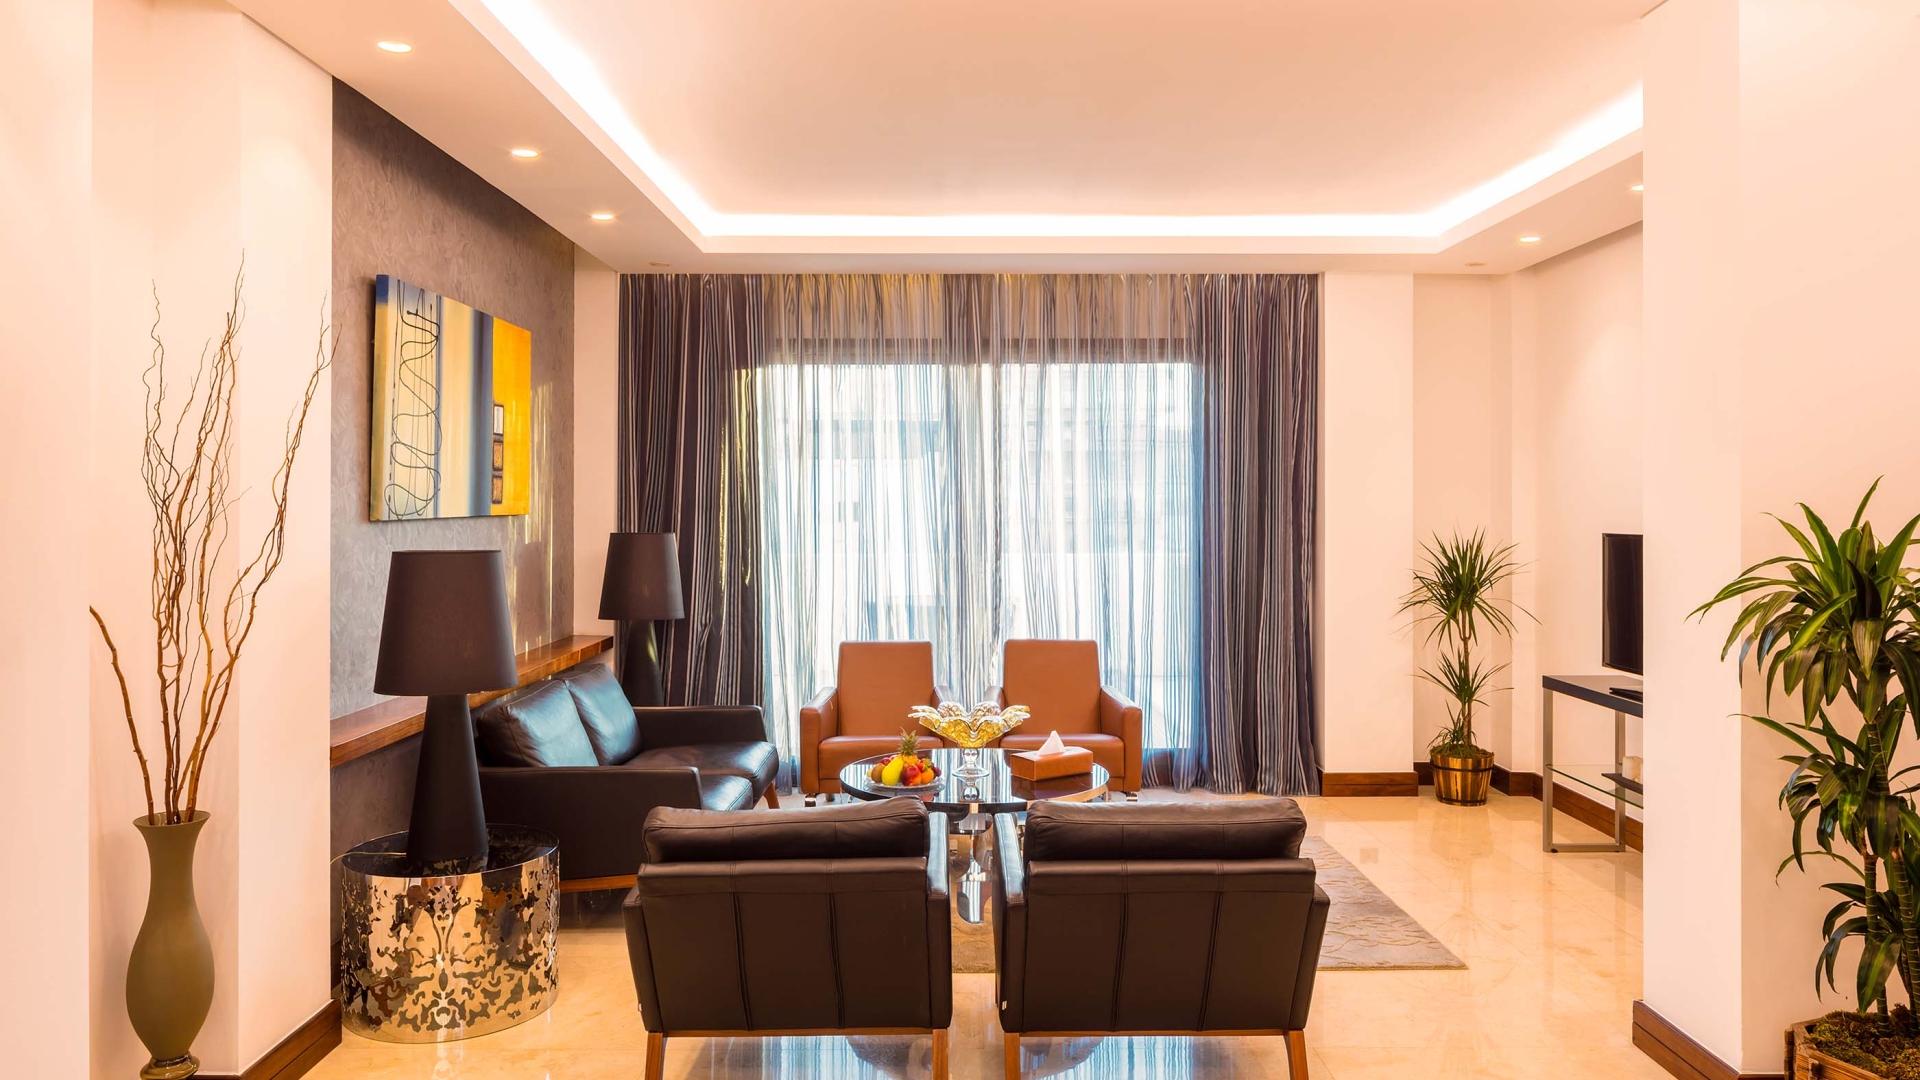 غرف الجلوس في فندق كورال بيروت الحمراء